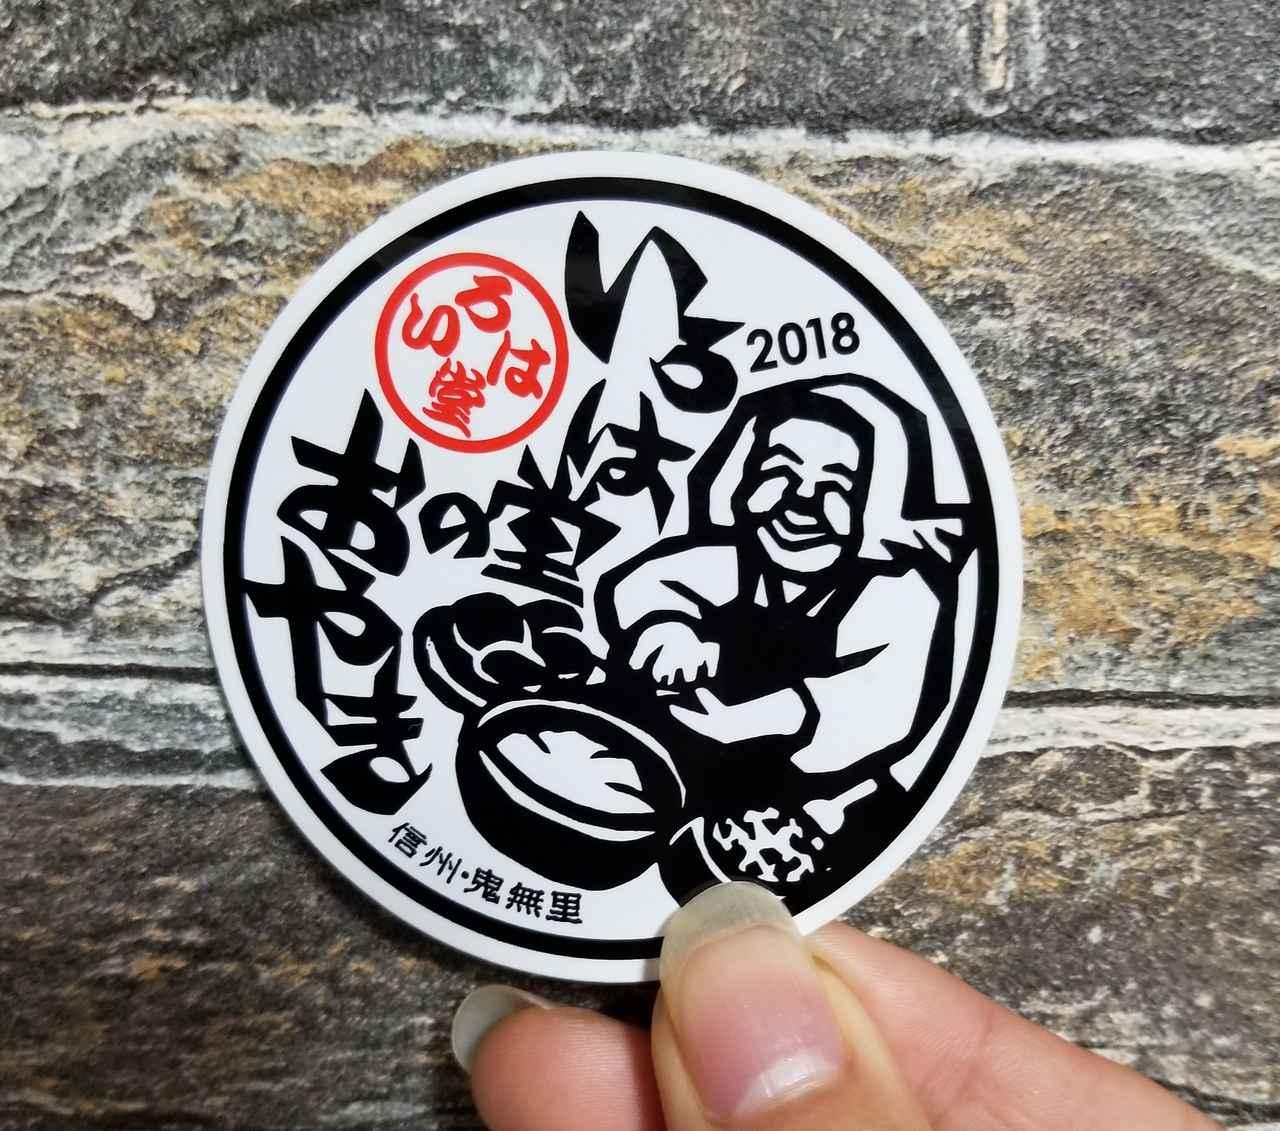 画像: 長野県の田舎感がでてる可愛いステッカー^^